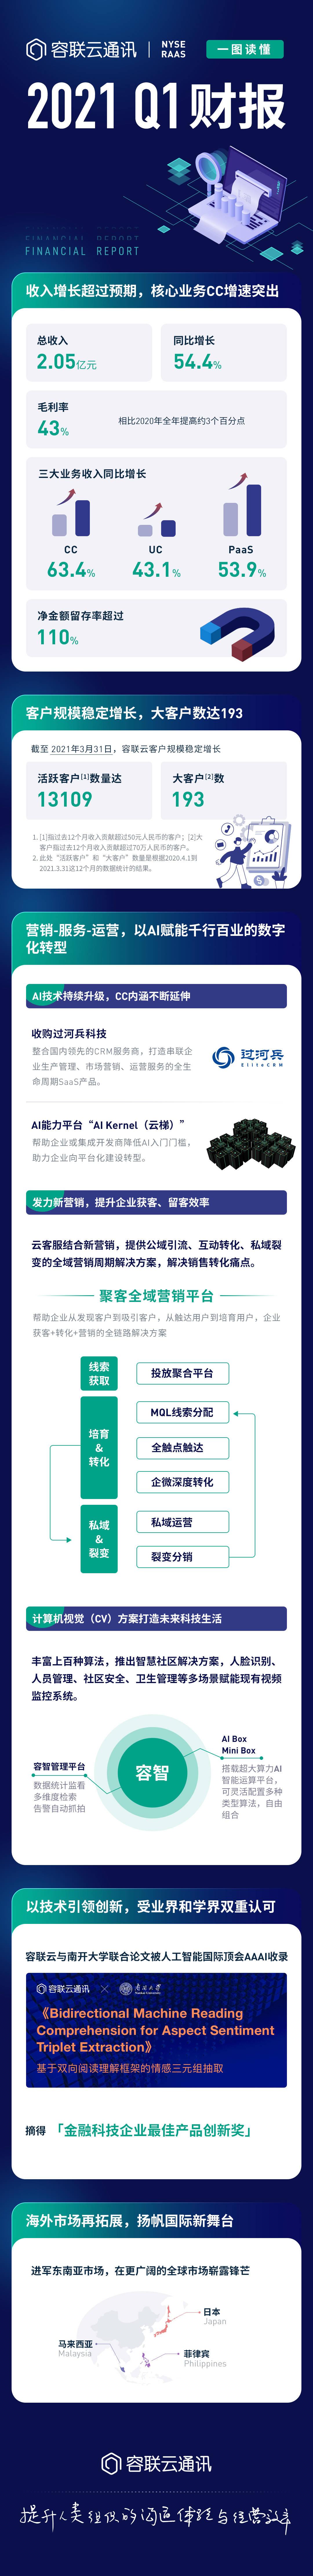 容联云2021年Q1财报出炉:净金额留存率超110%